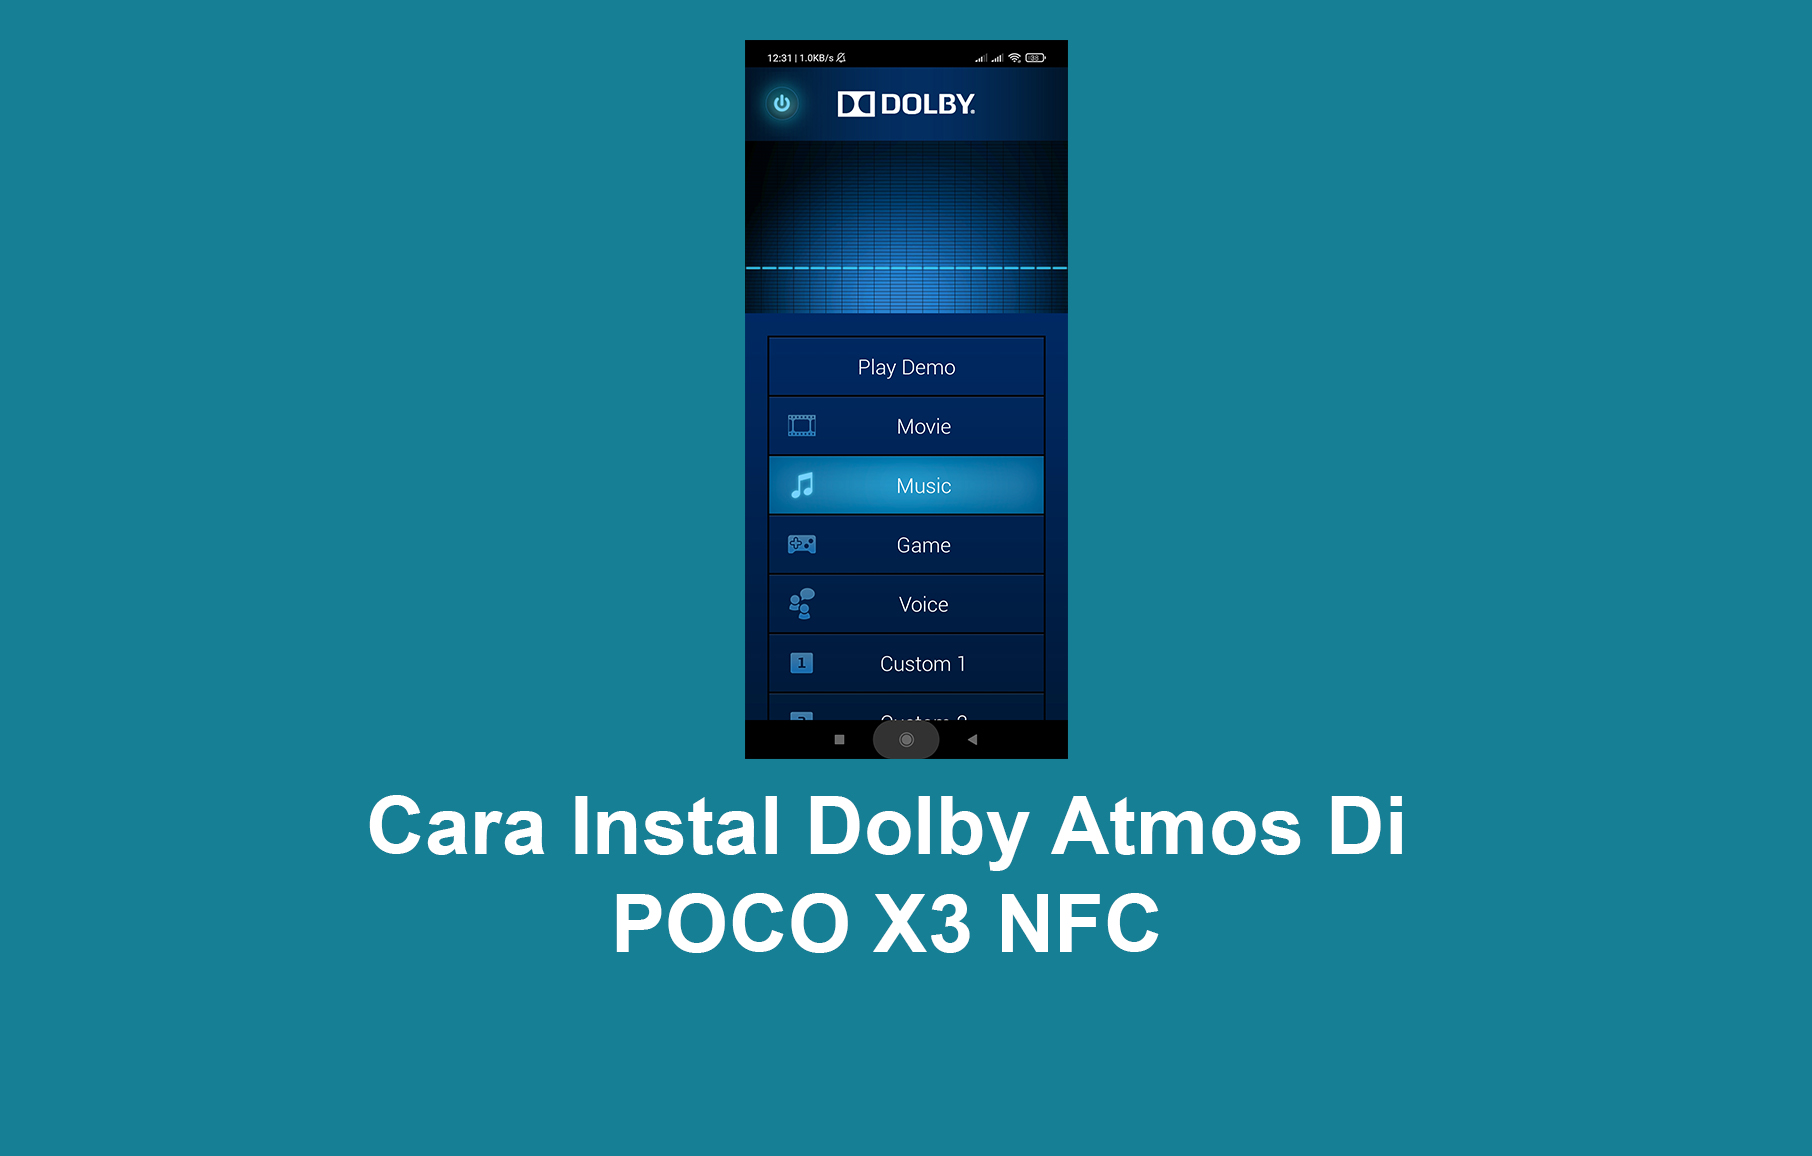 Cara Instal Dolby Atmos Di POCO X3 NFC (Dijamin Berhasil)